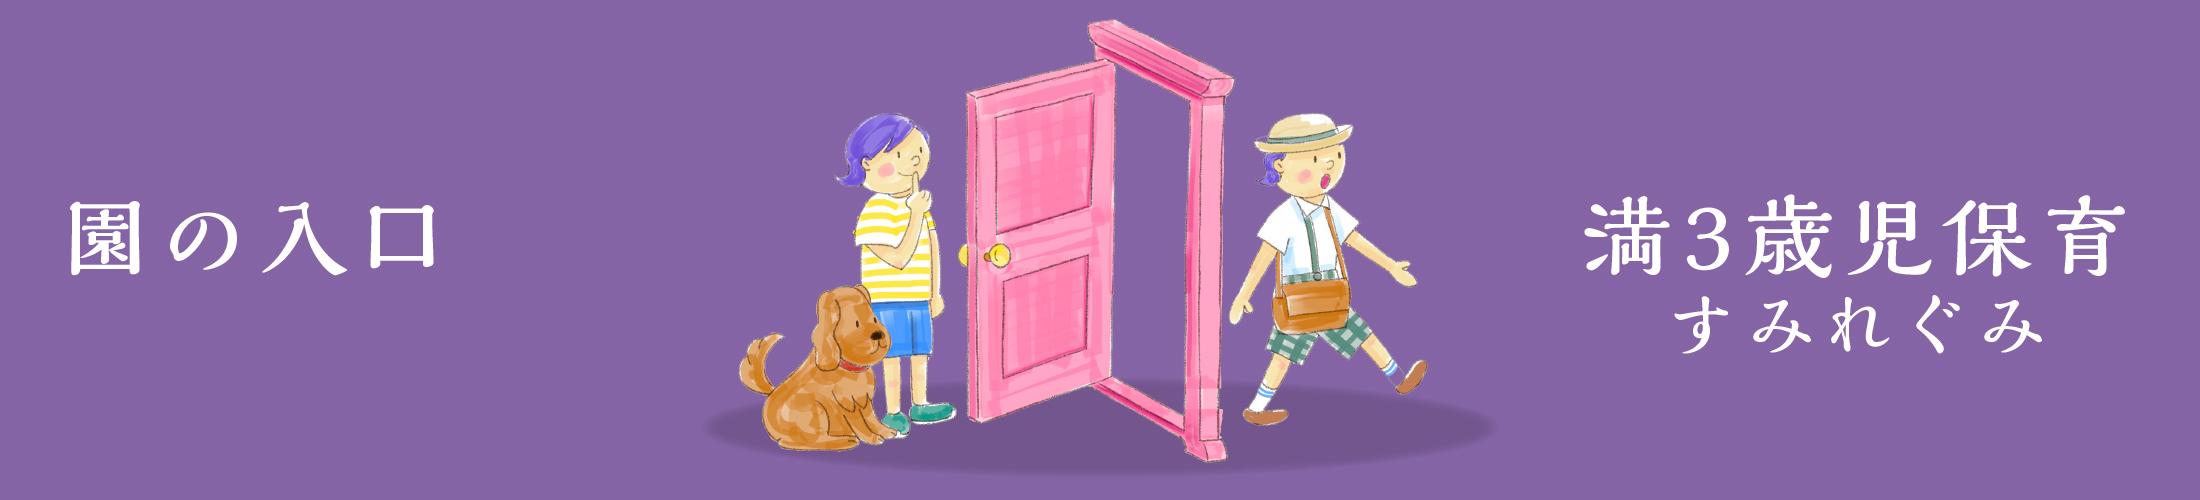 園の入口 満3歳児保育